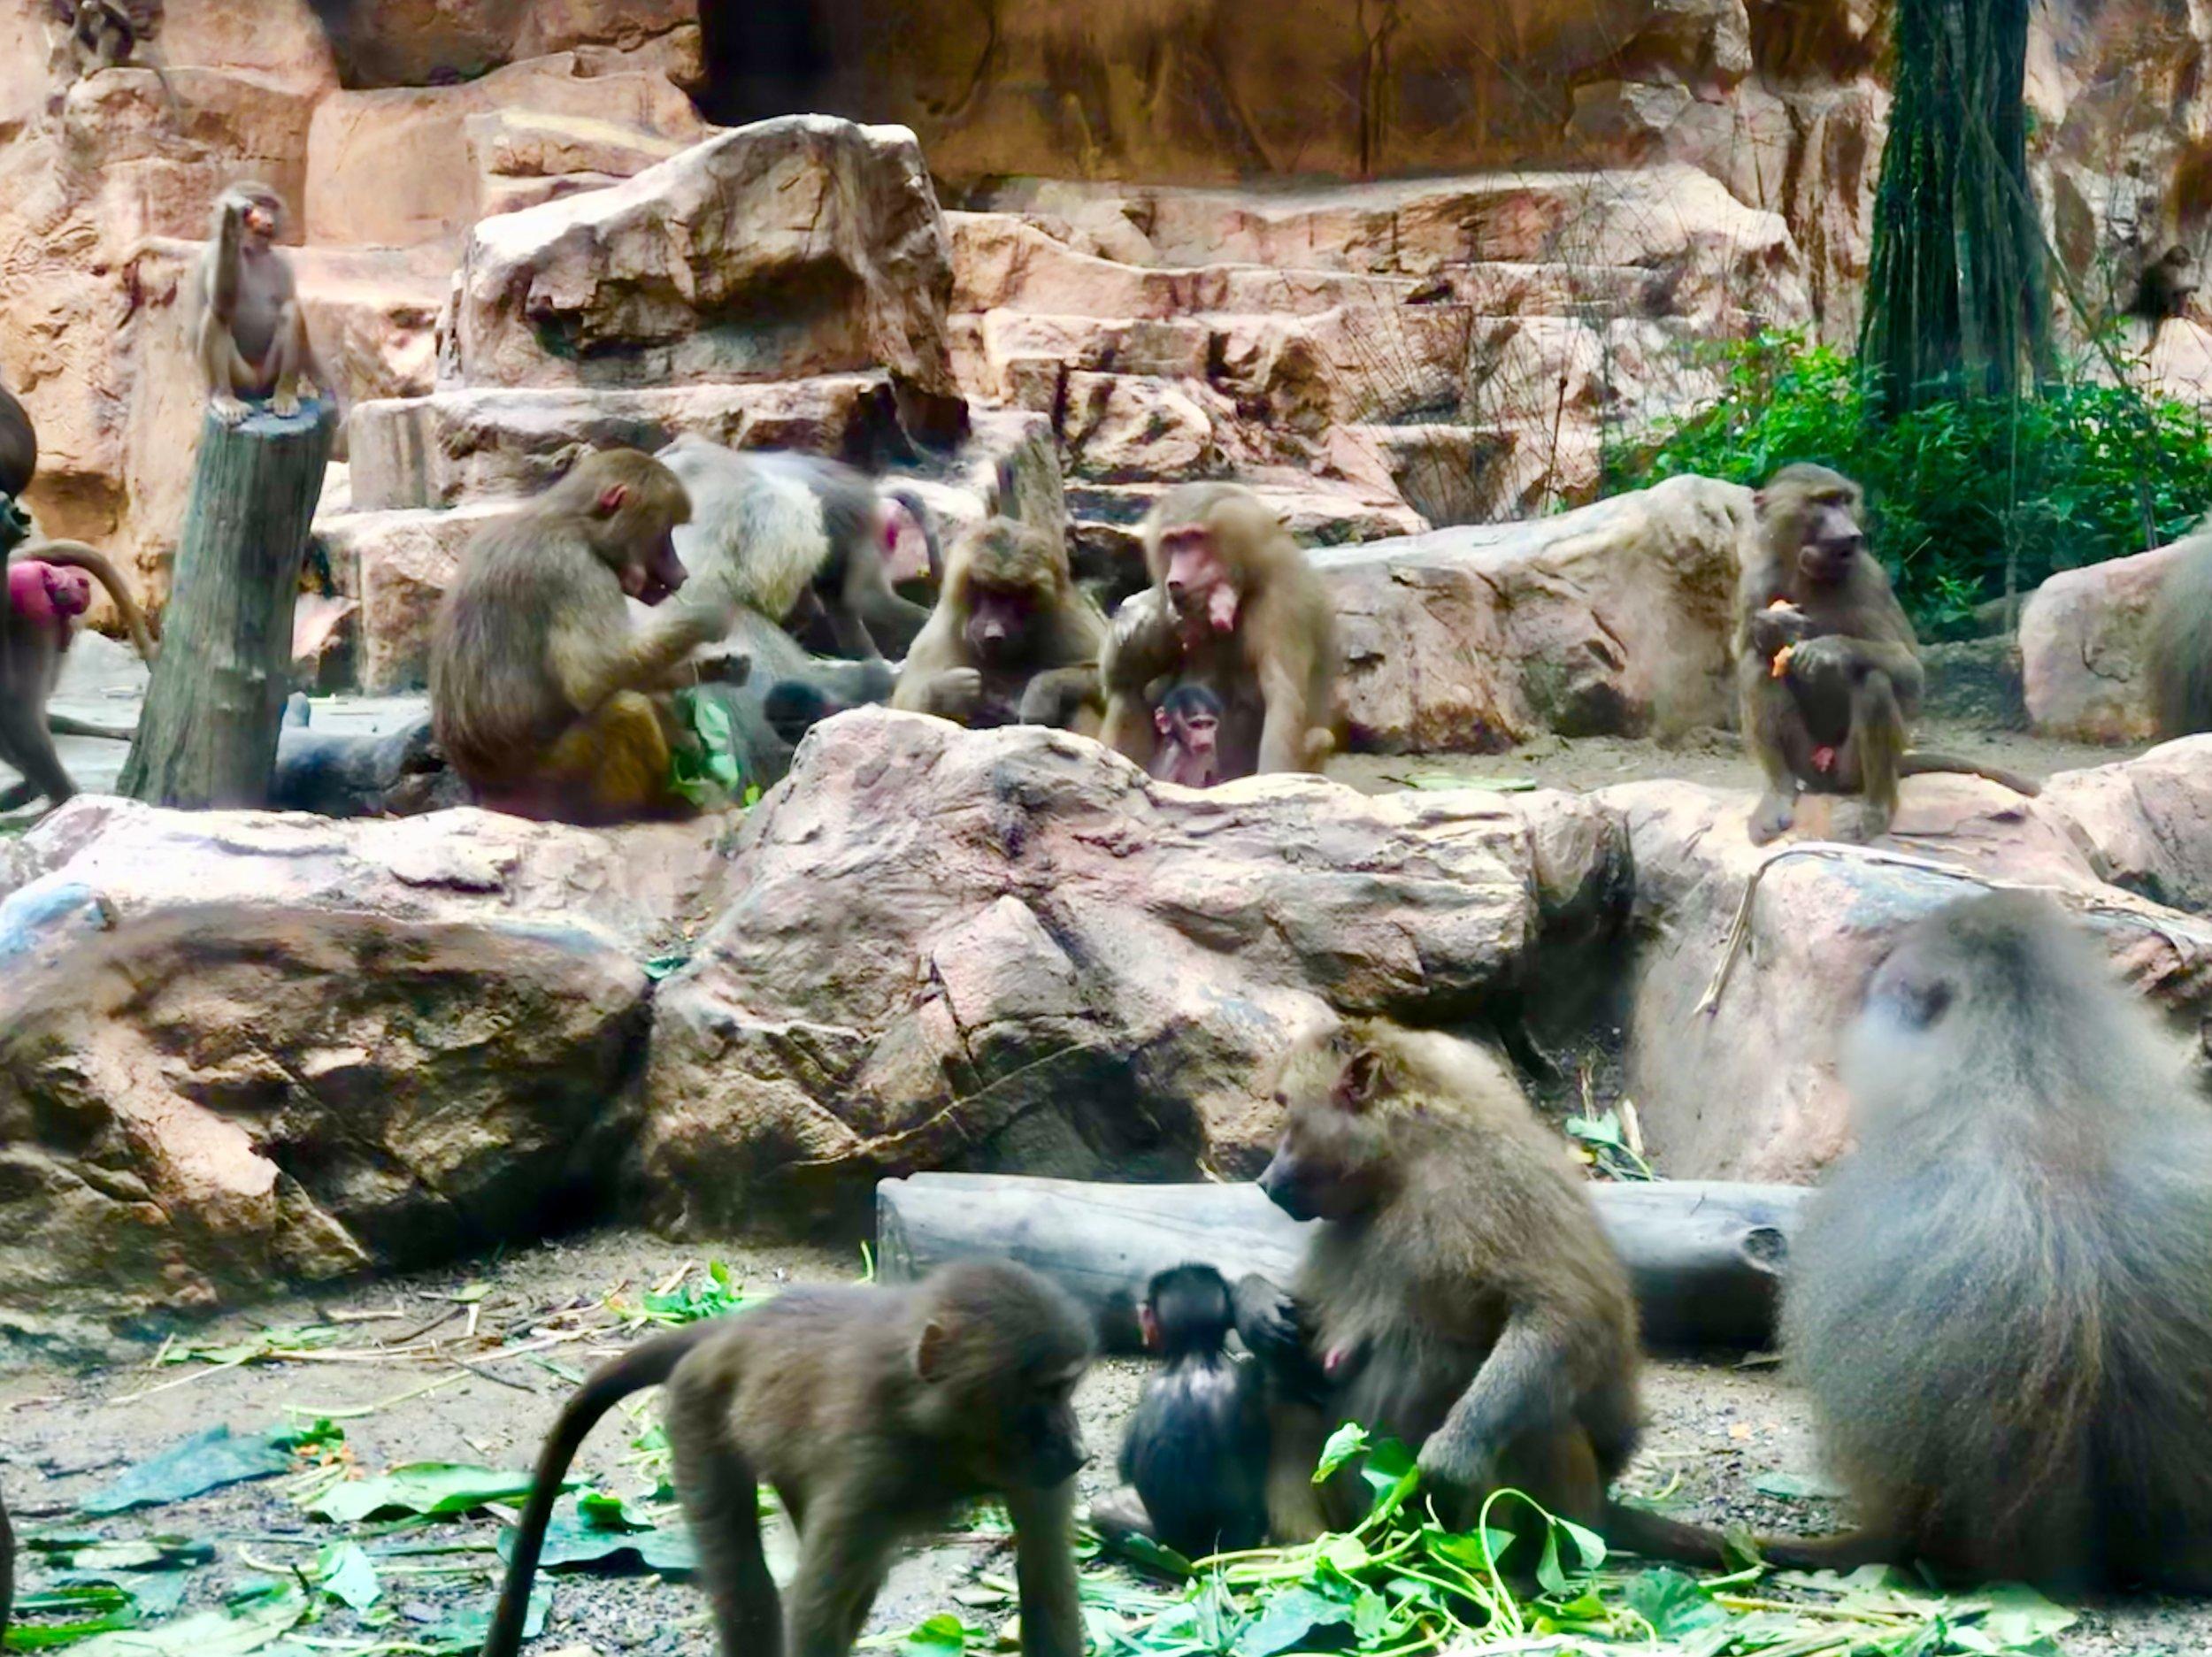 Singapore Zoo Hamadryas Baboons